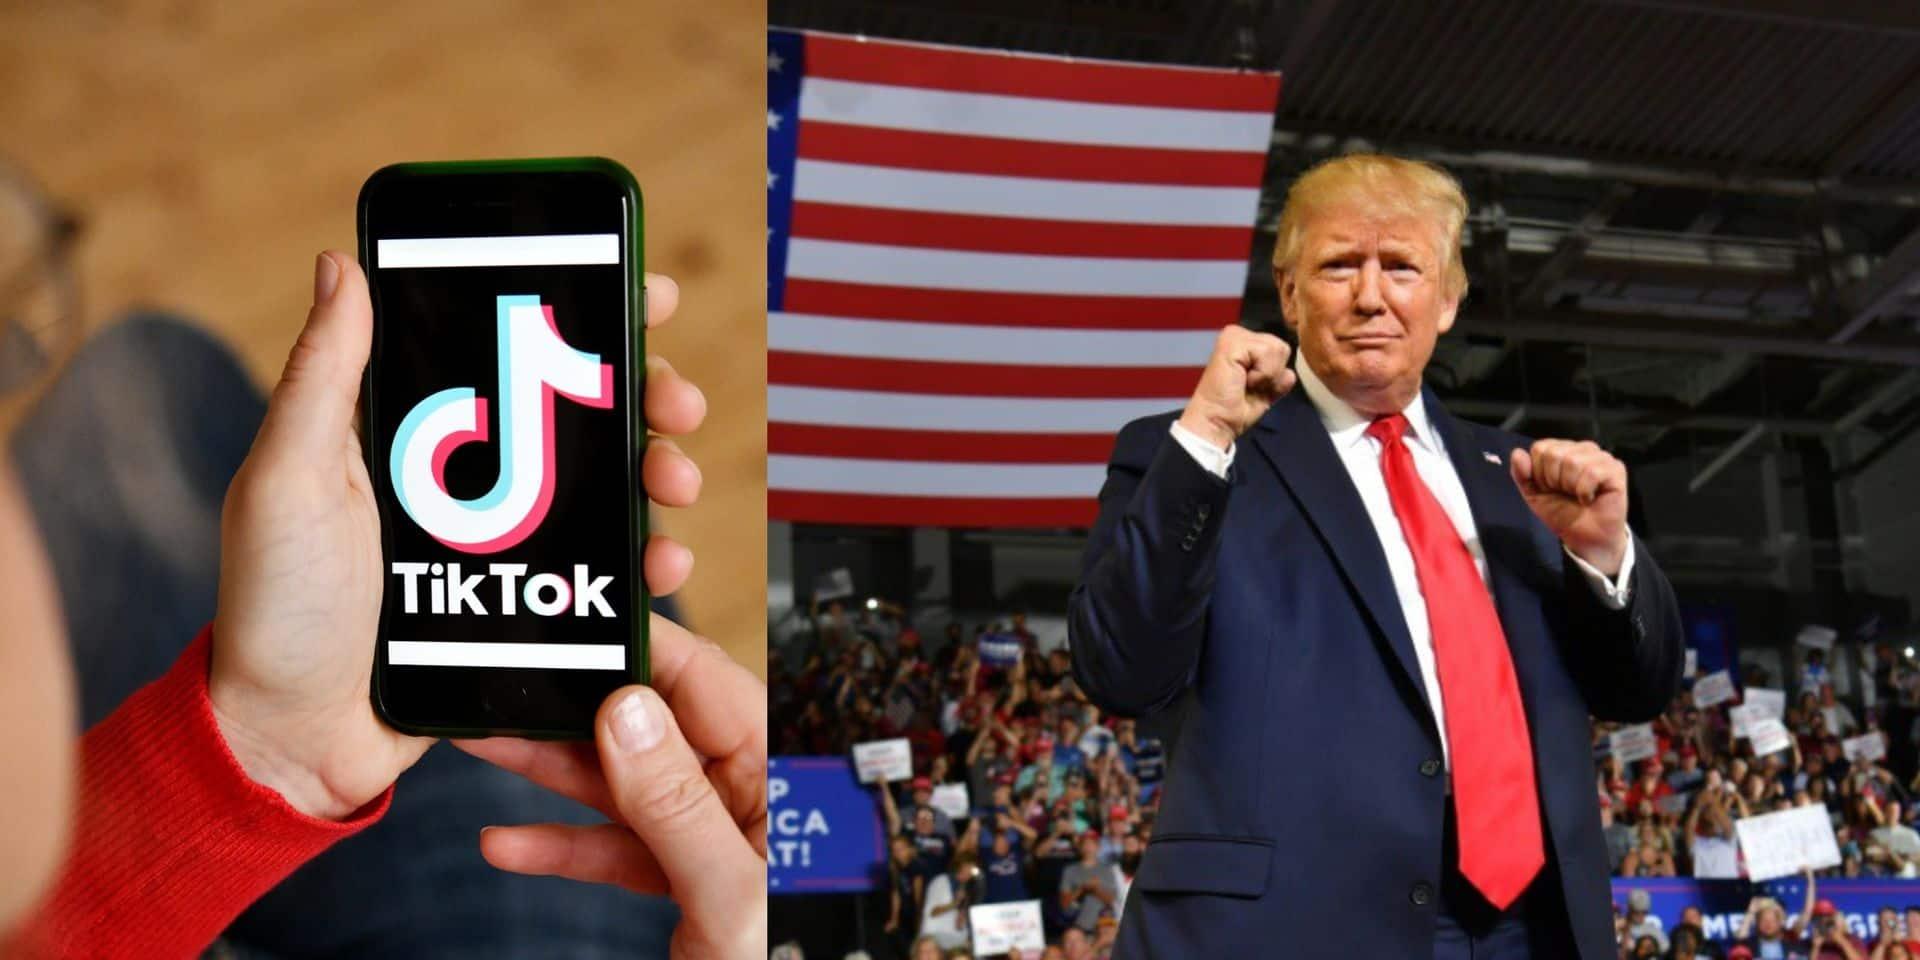 TikTok contre-attaque: l'application chinoise dépose une plainte contre le gouvernement américain